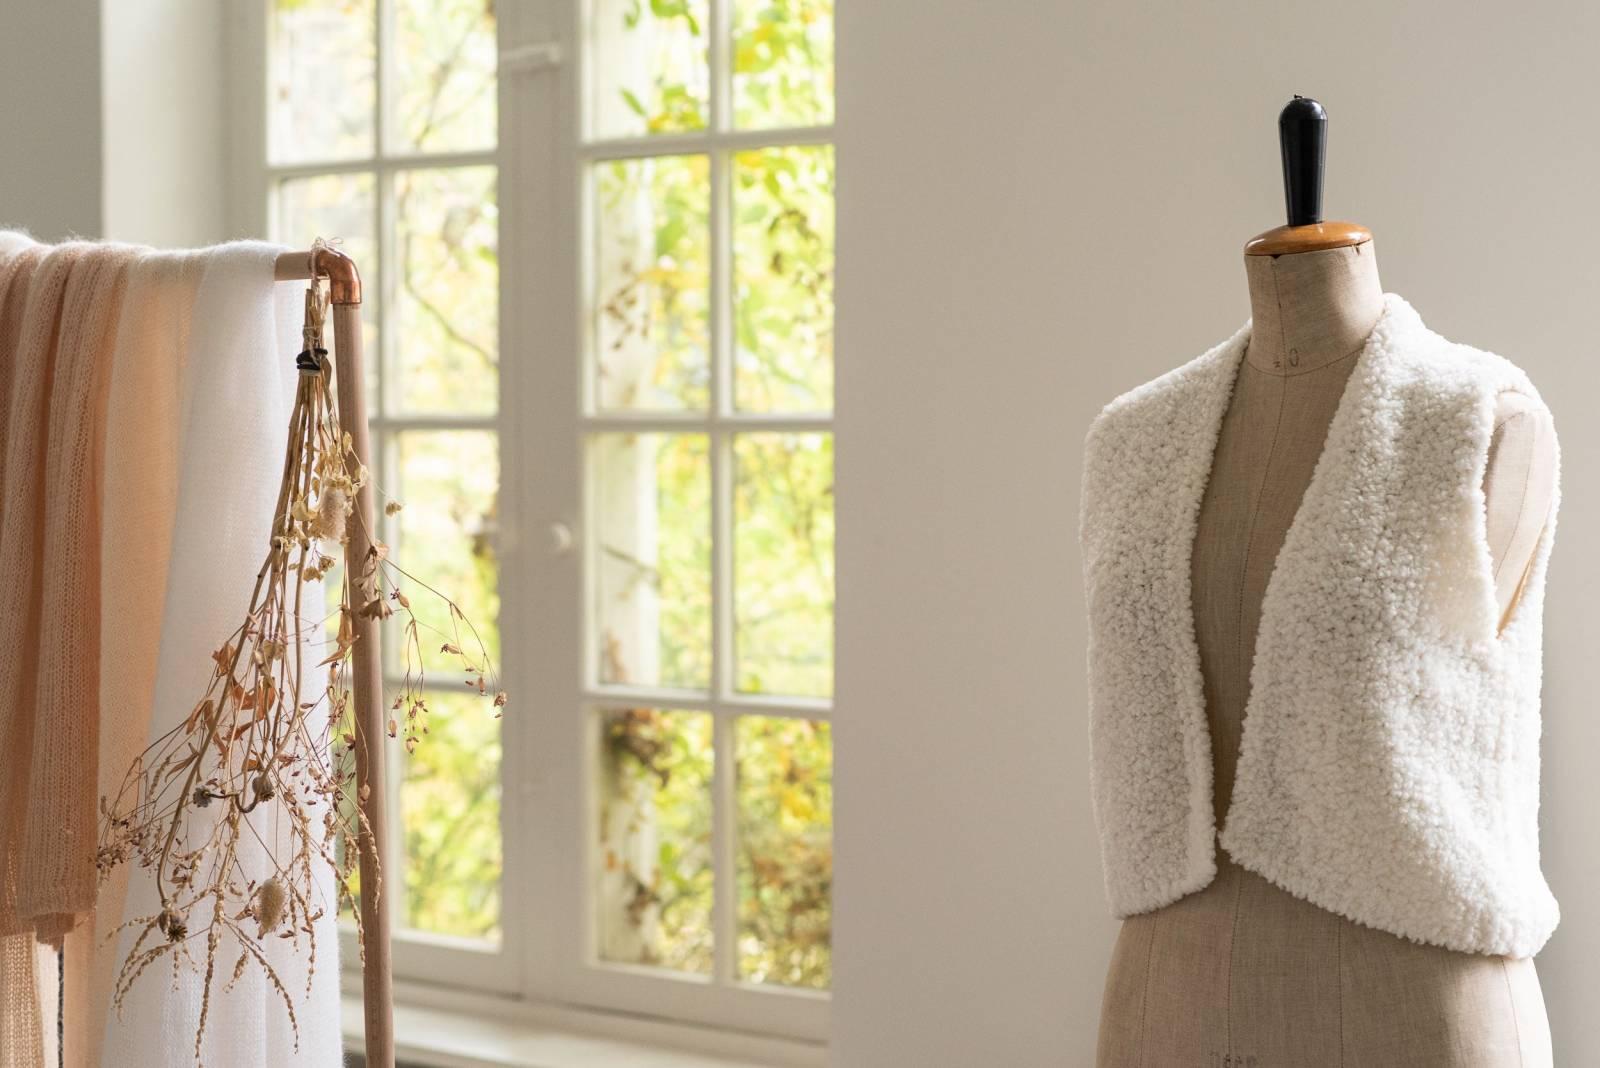 Lotte Van Huyck - Bridal Knitwear - Sjaals - Bridal workshop - Vrijgezellen activiteit - House of Weddings - 13